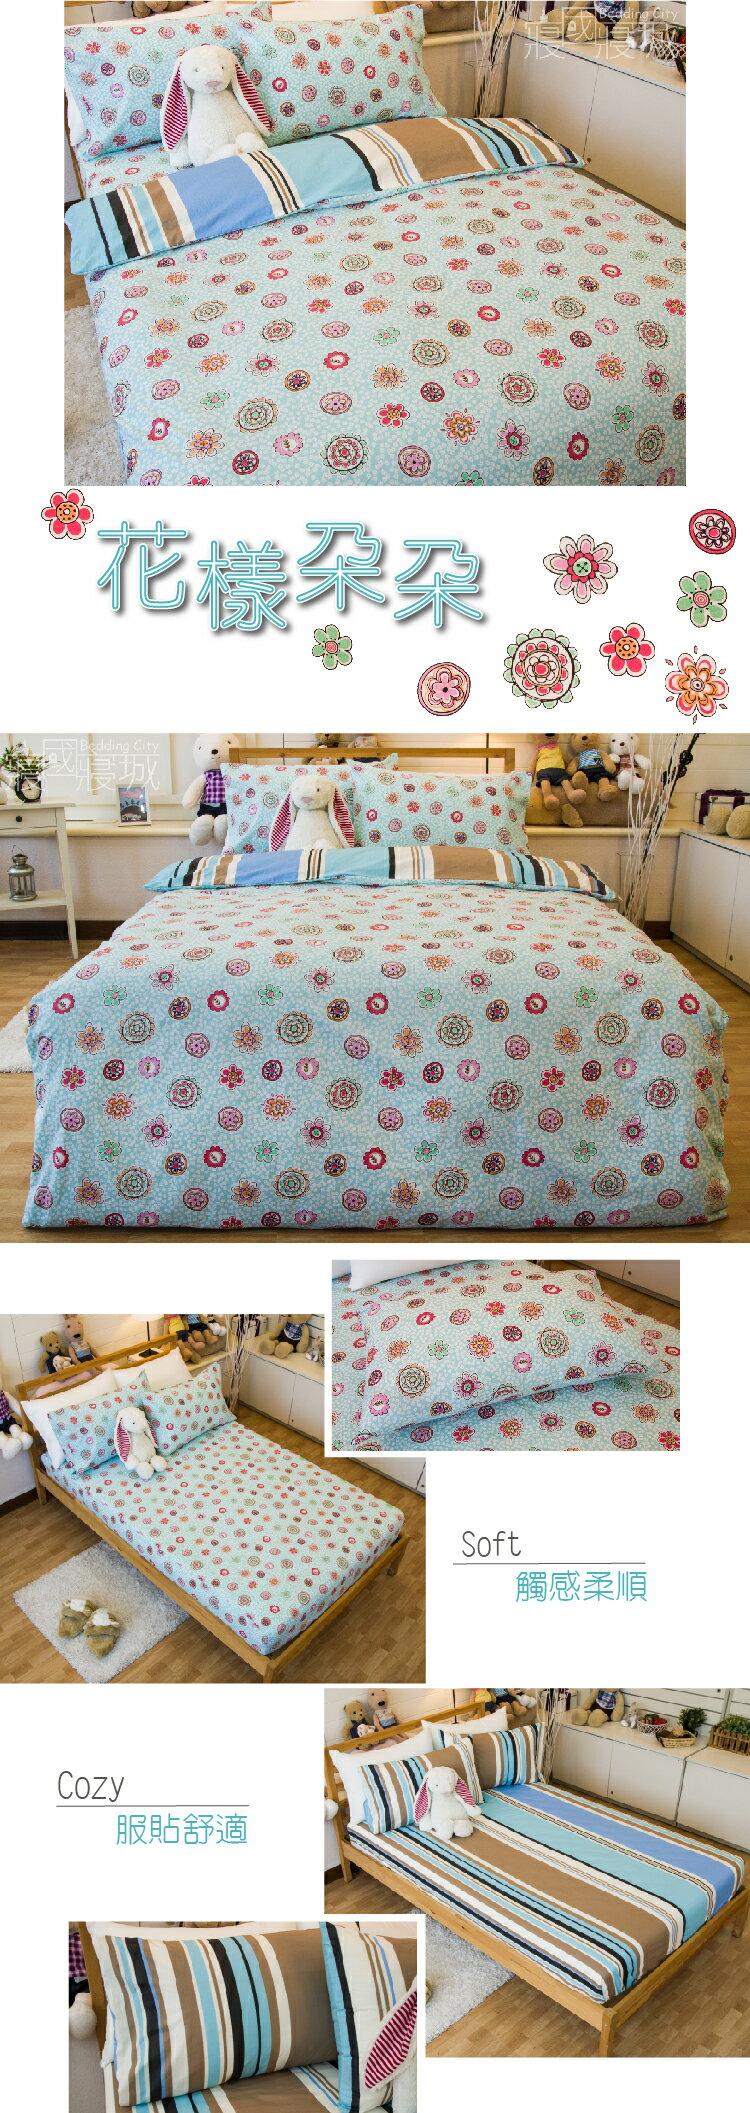 100%精梳棉-雙人床包被套四件組 花樣朵朵【大鐘印染、台灣製造】#精梳純綿 1